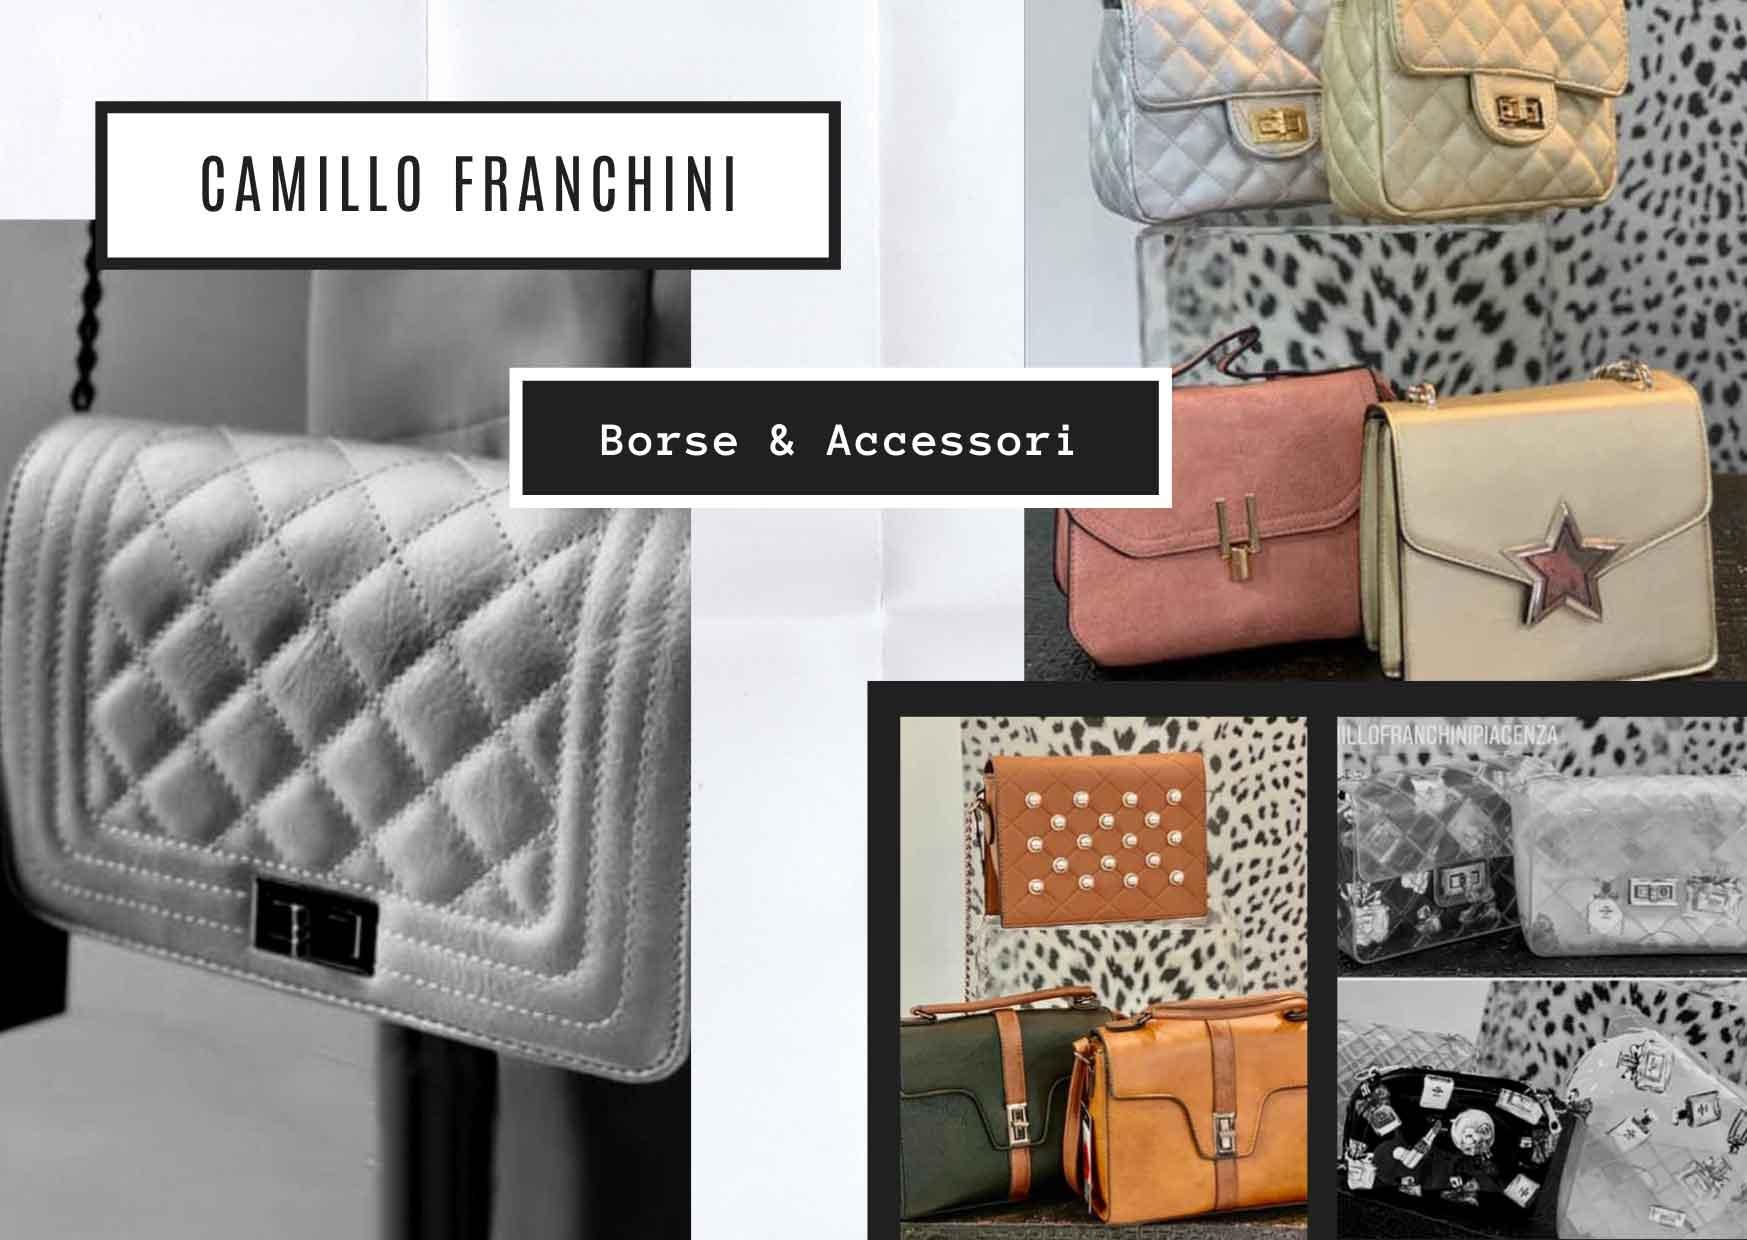 Camillo-franchini-borse-&-accessori